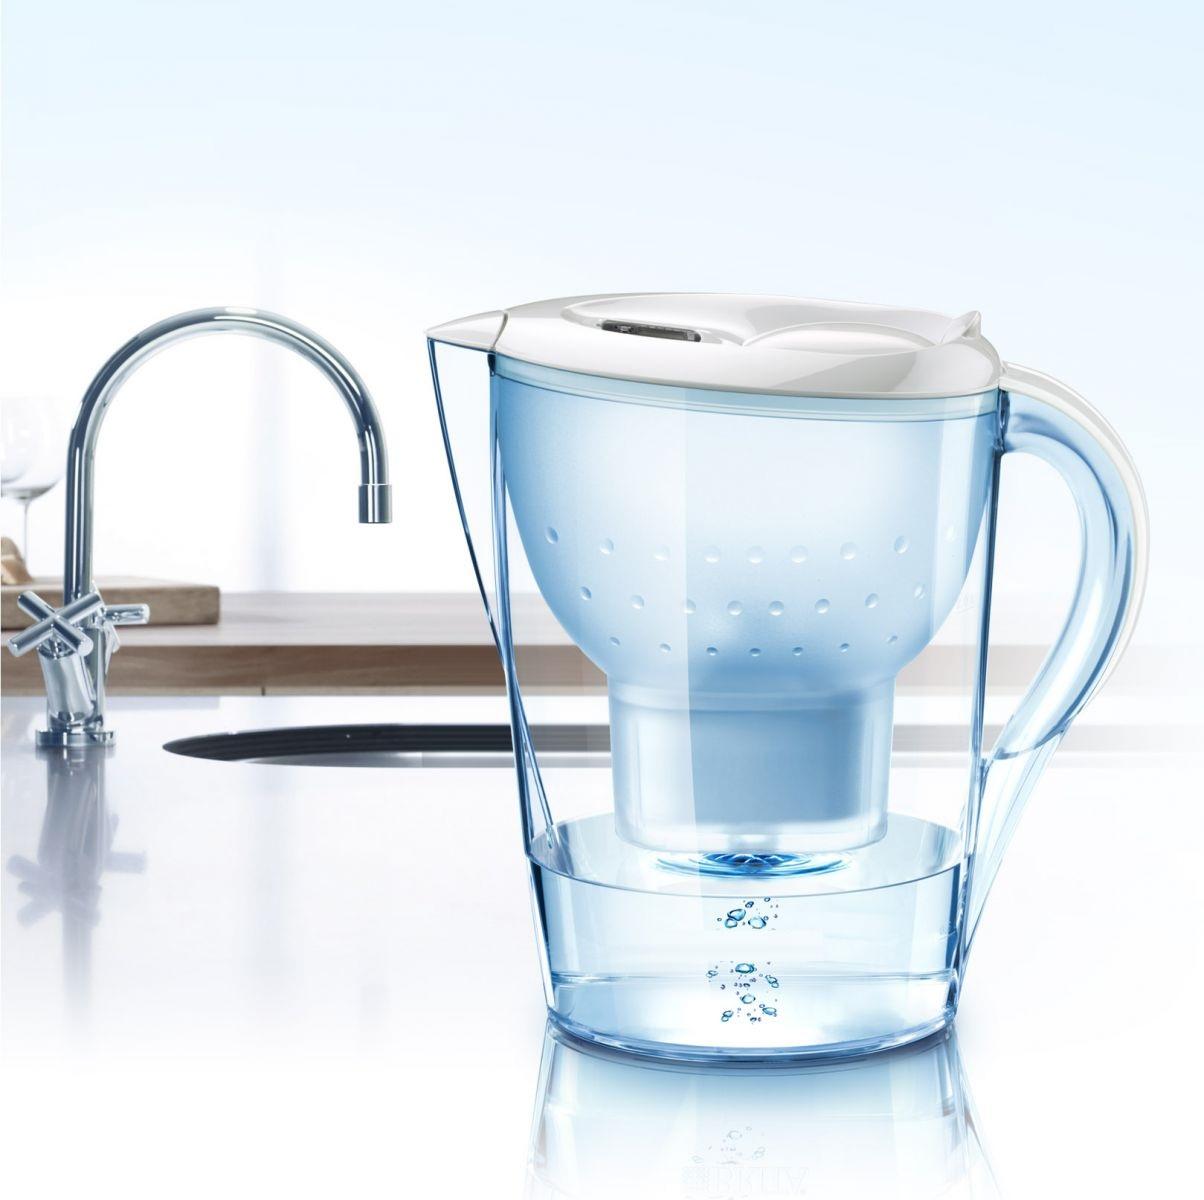 Качество очищенной воды – как провести анализ воды очищенной?